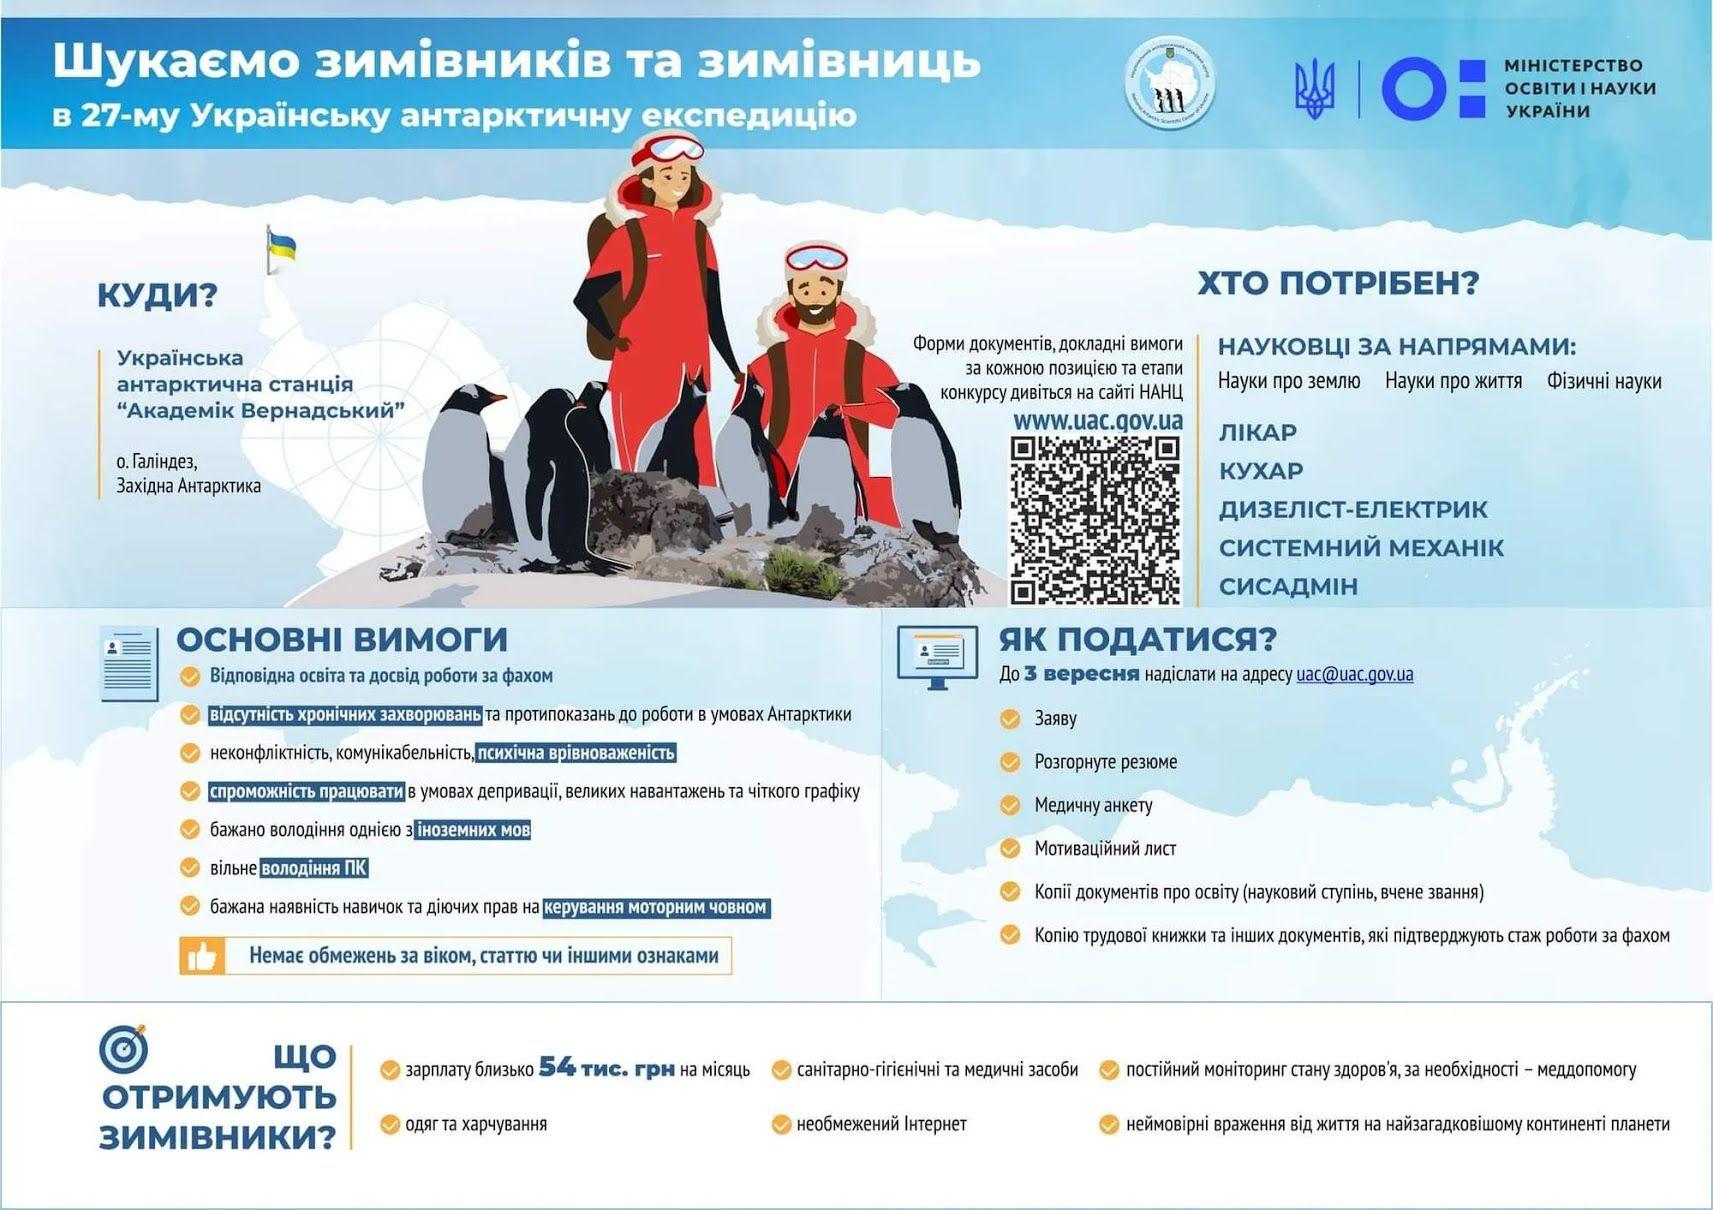 В Україні шукають полярників для антарктичної експедиції